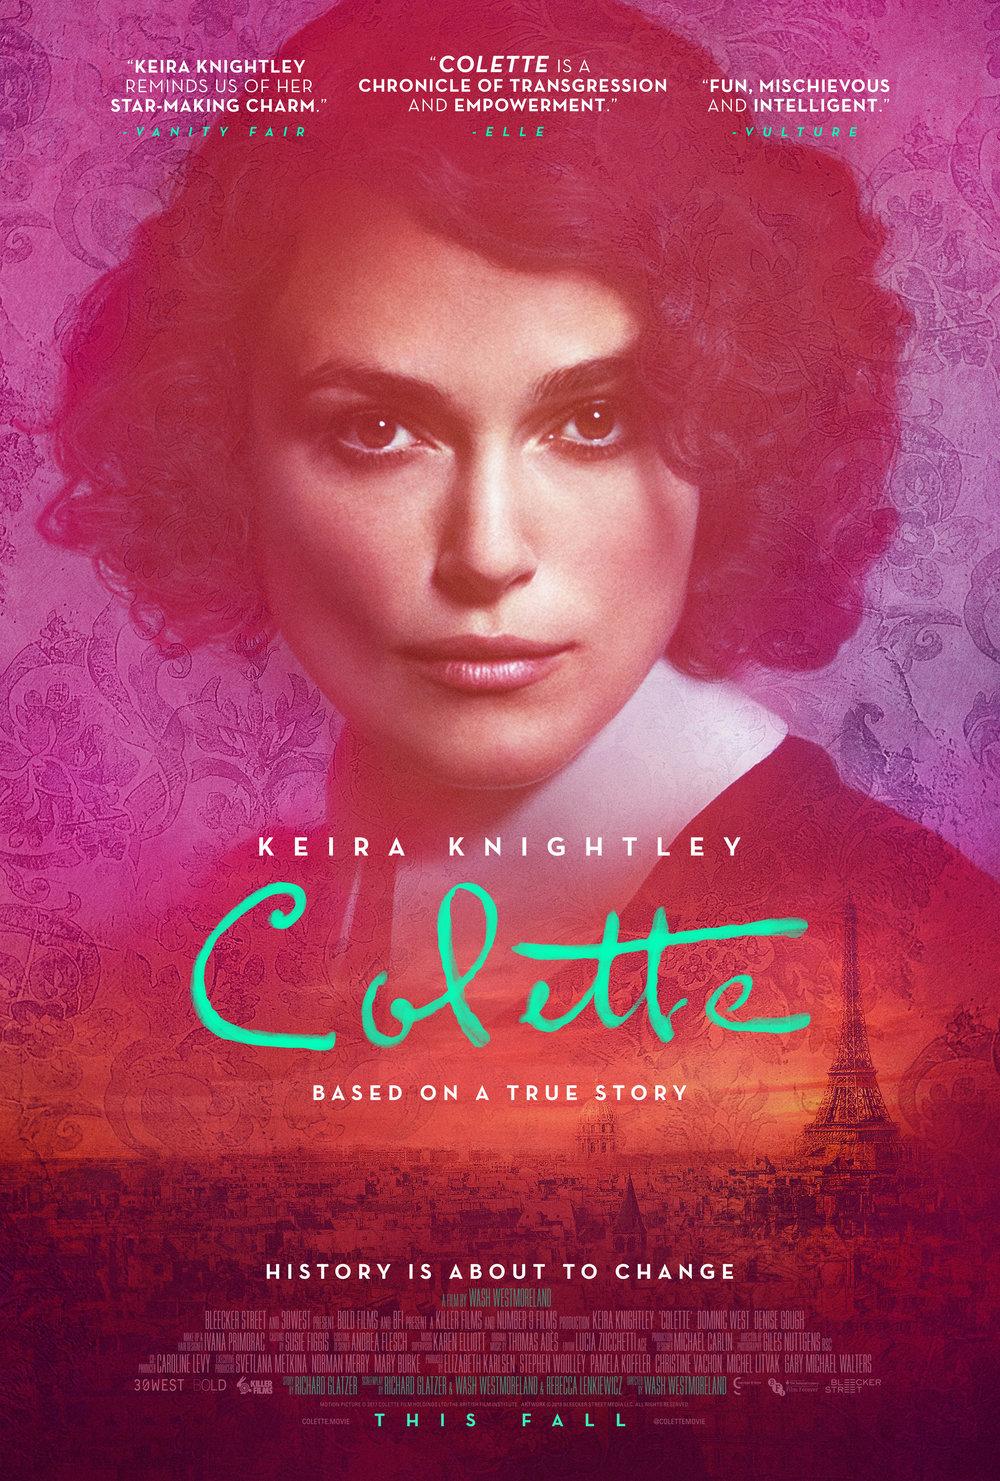 Colette_1Sht_FM3.jpg